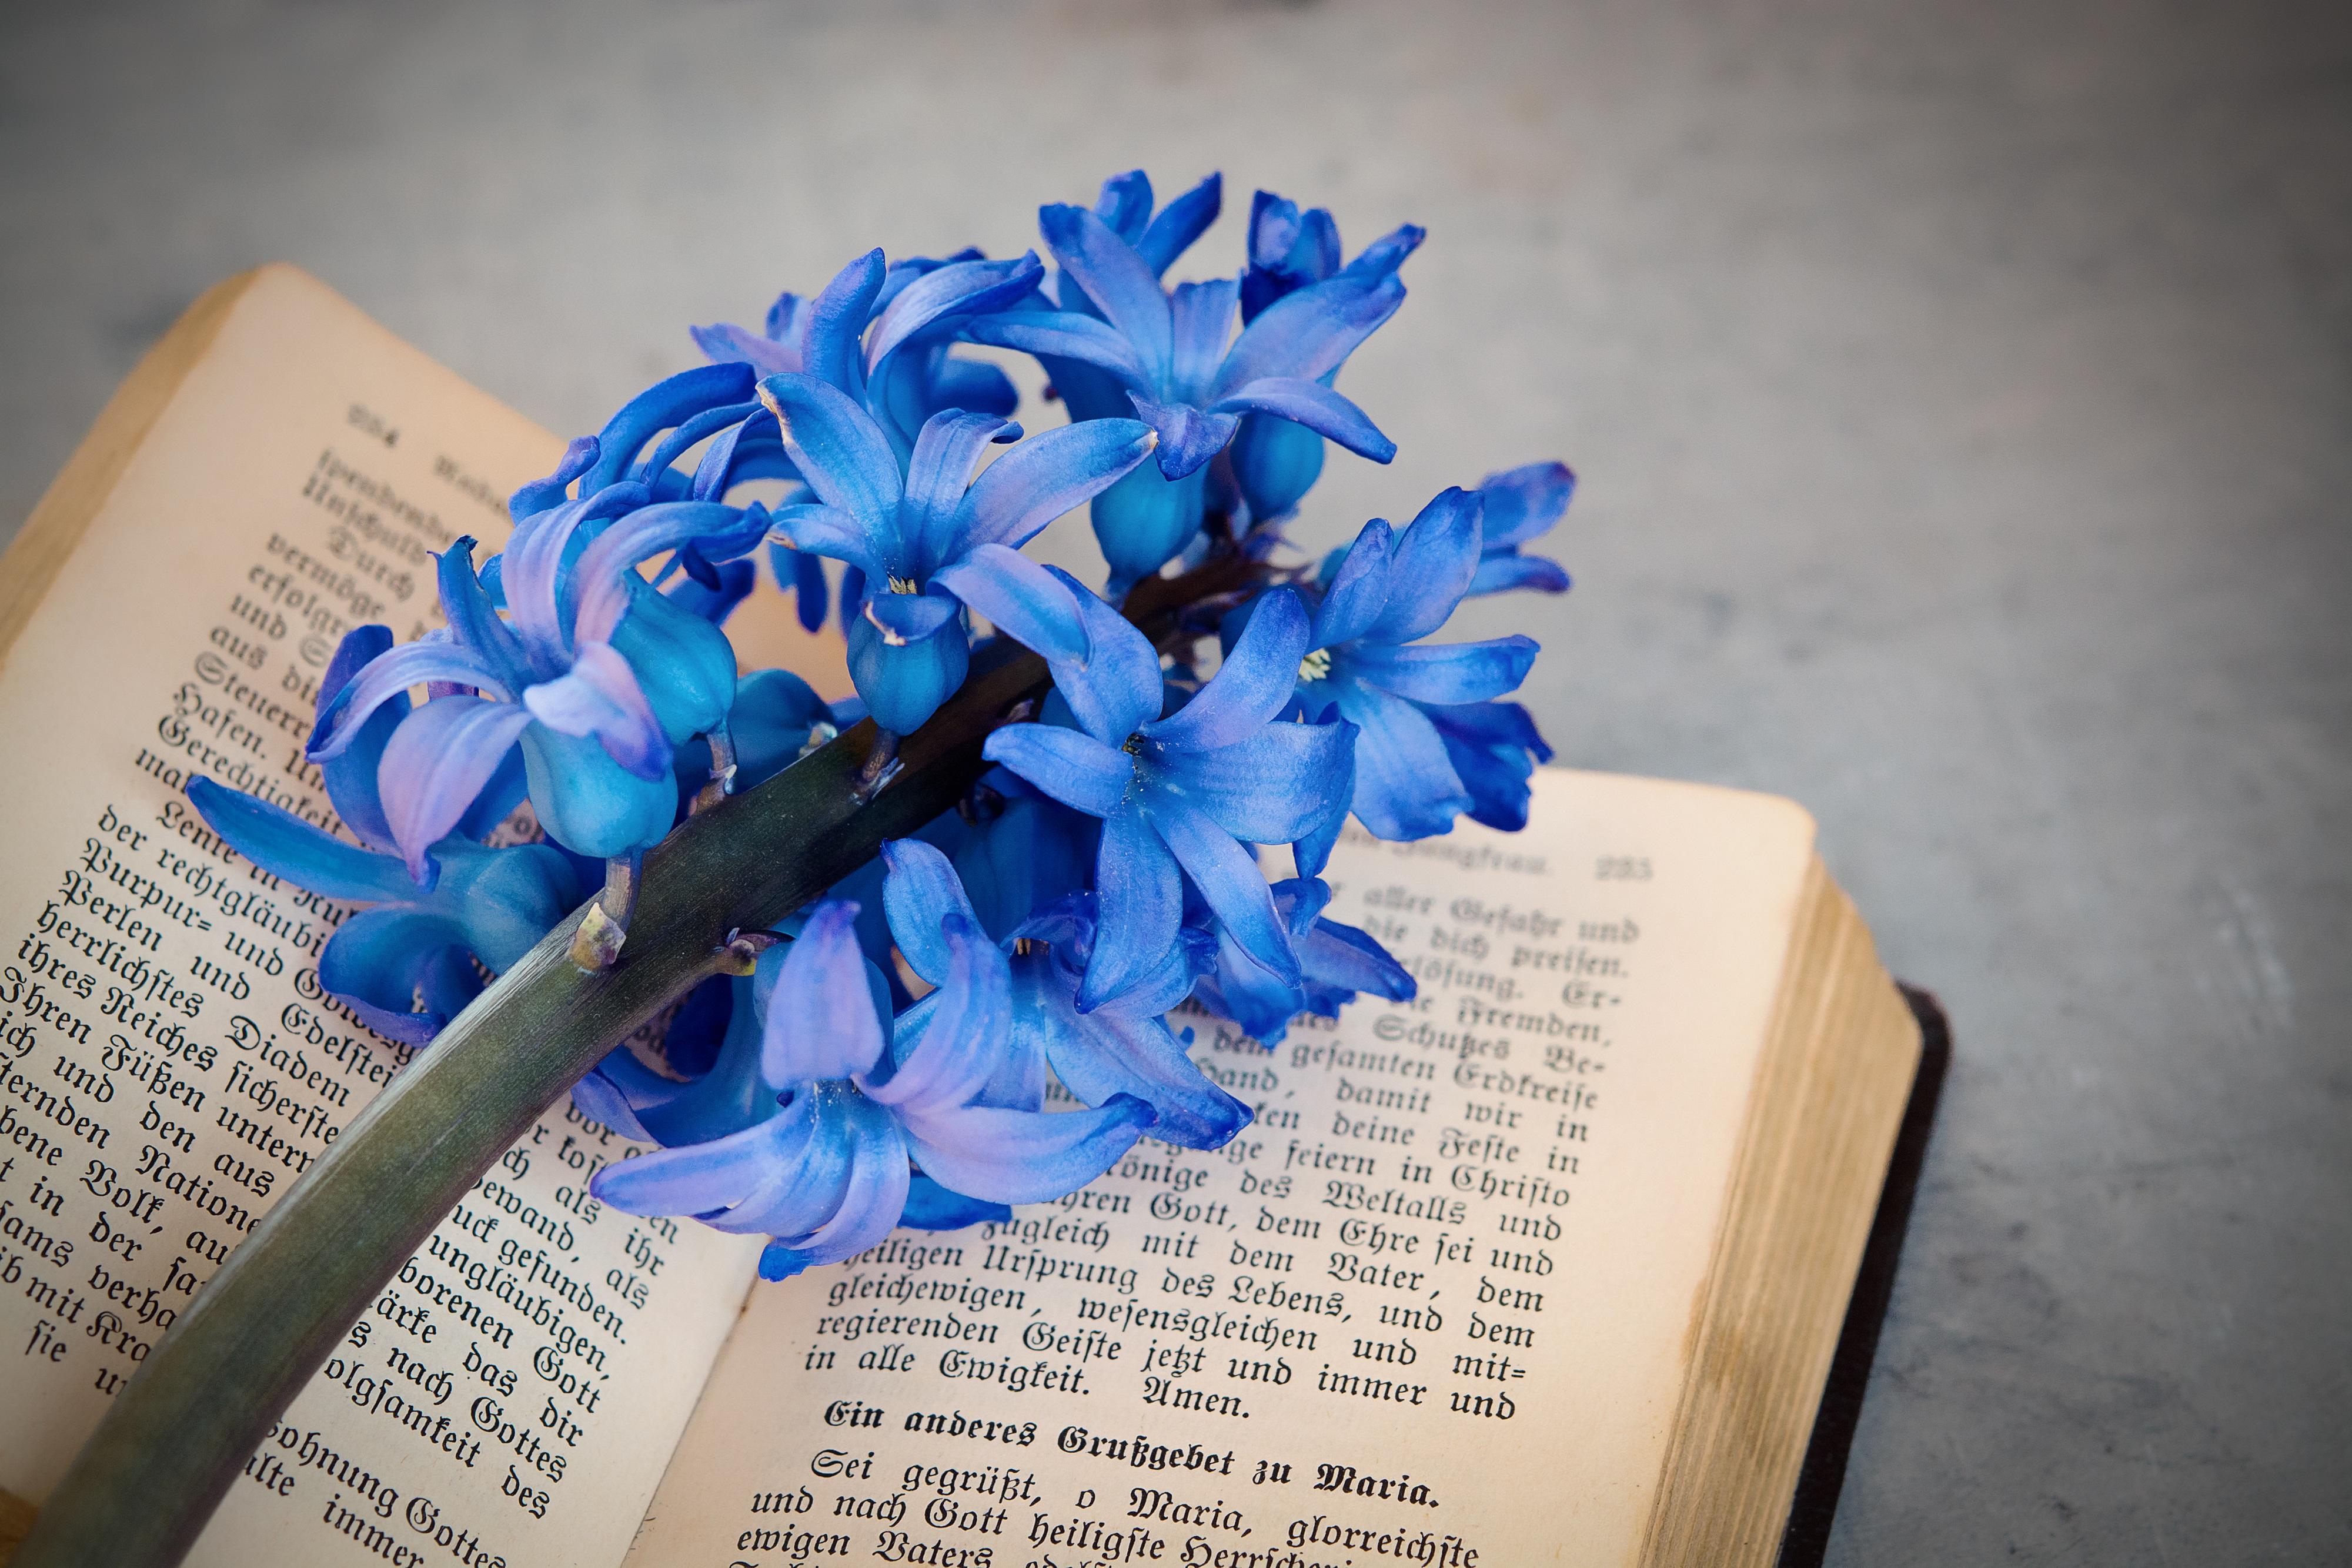 Free Images : petal, paper, close, blue flower, flowers, font, art ...